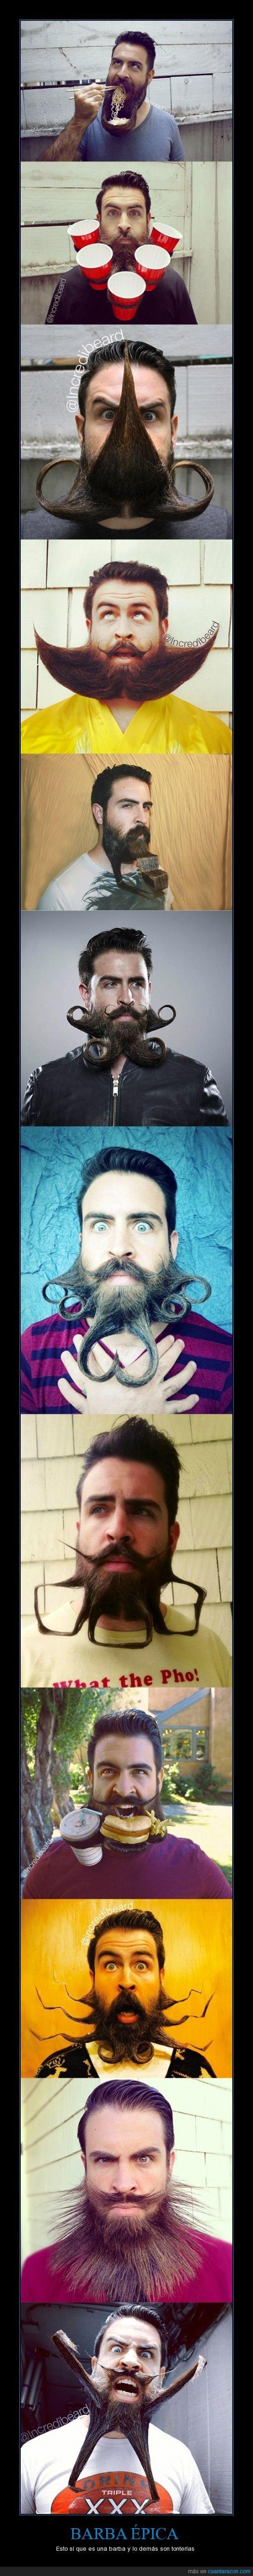 BARBA ÉPICA - Esto sí que es una barba y lo demás son tonterías